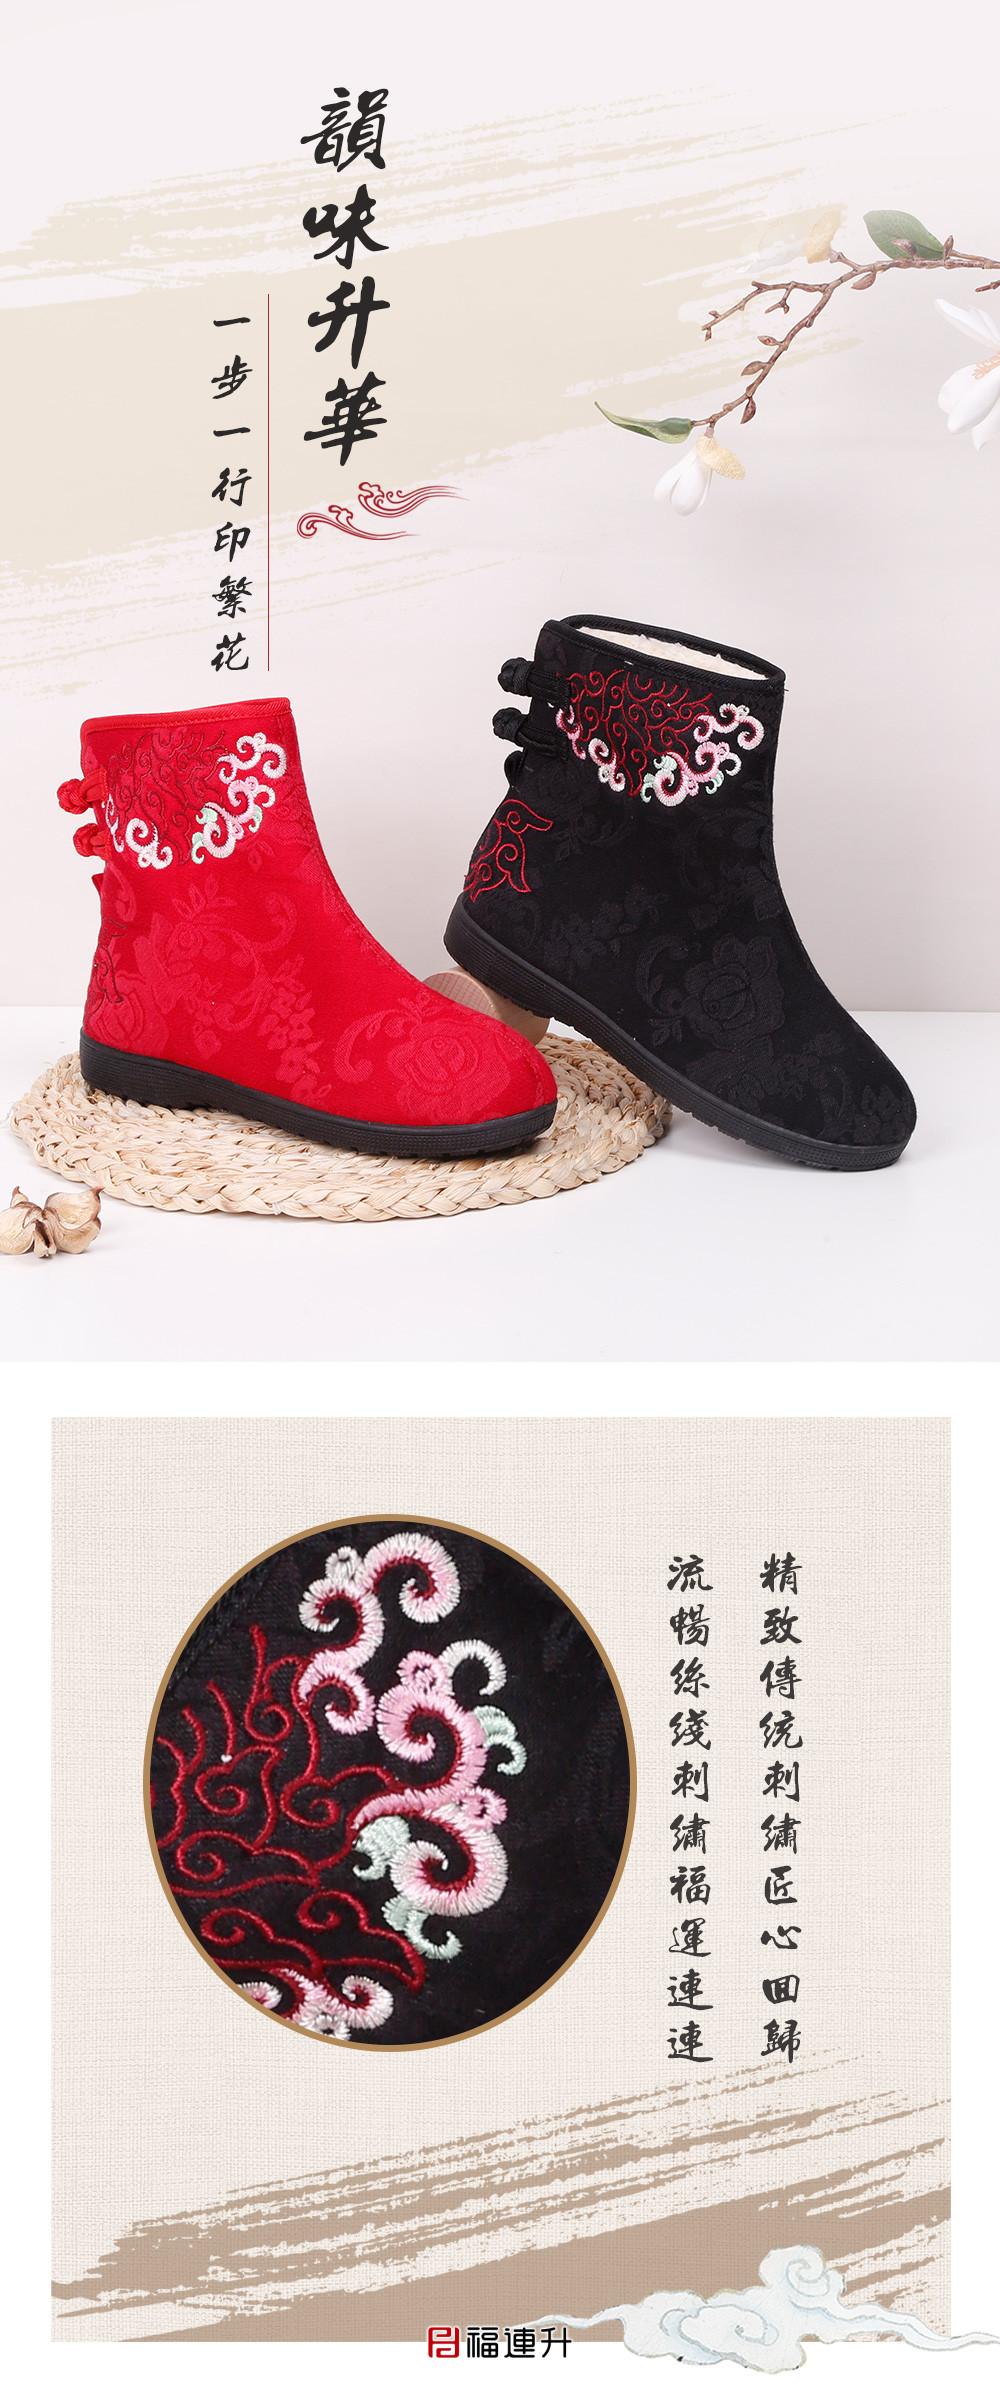 福连升老北京布鞋2020冬季新款民族风中国风绣花印花舒适短靴图片